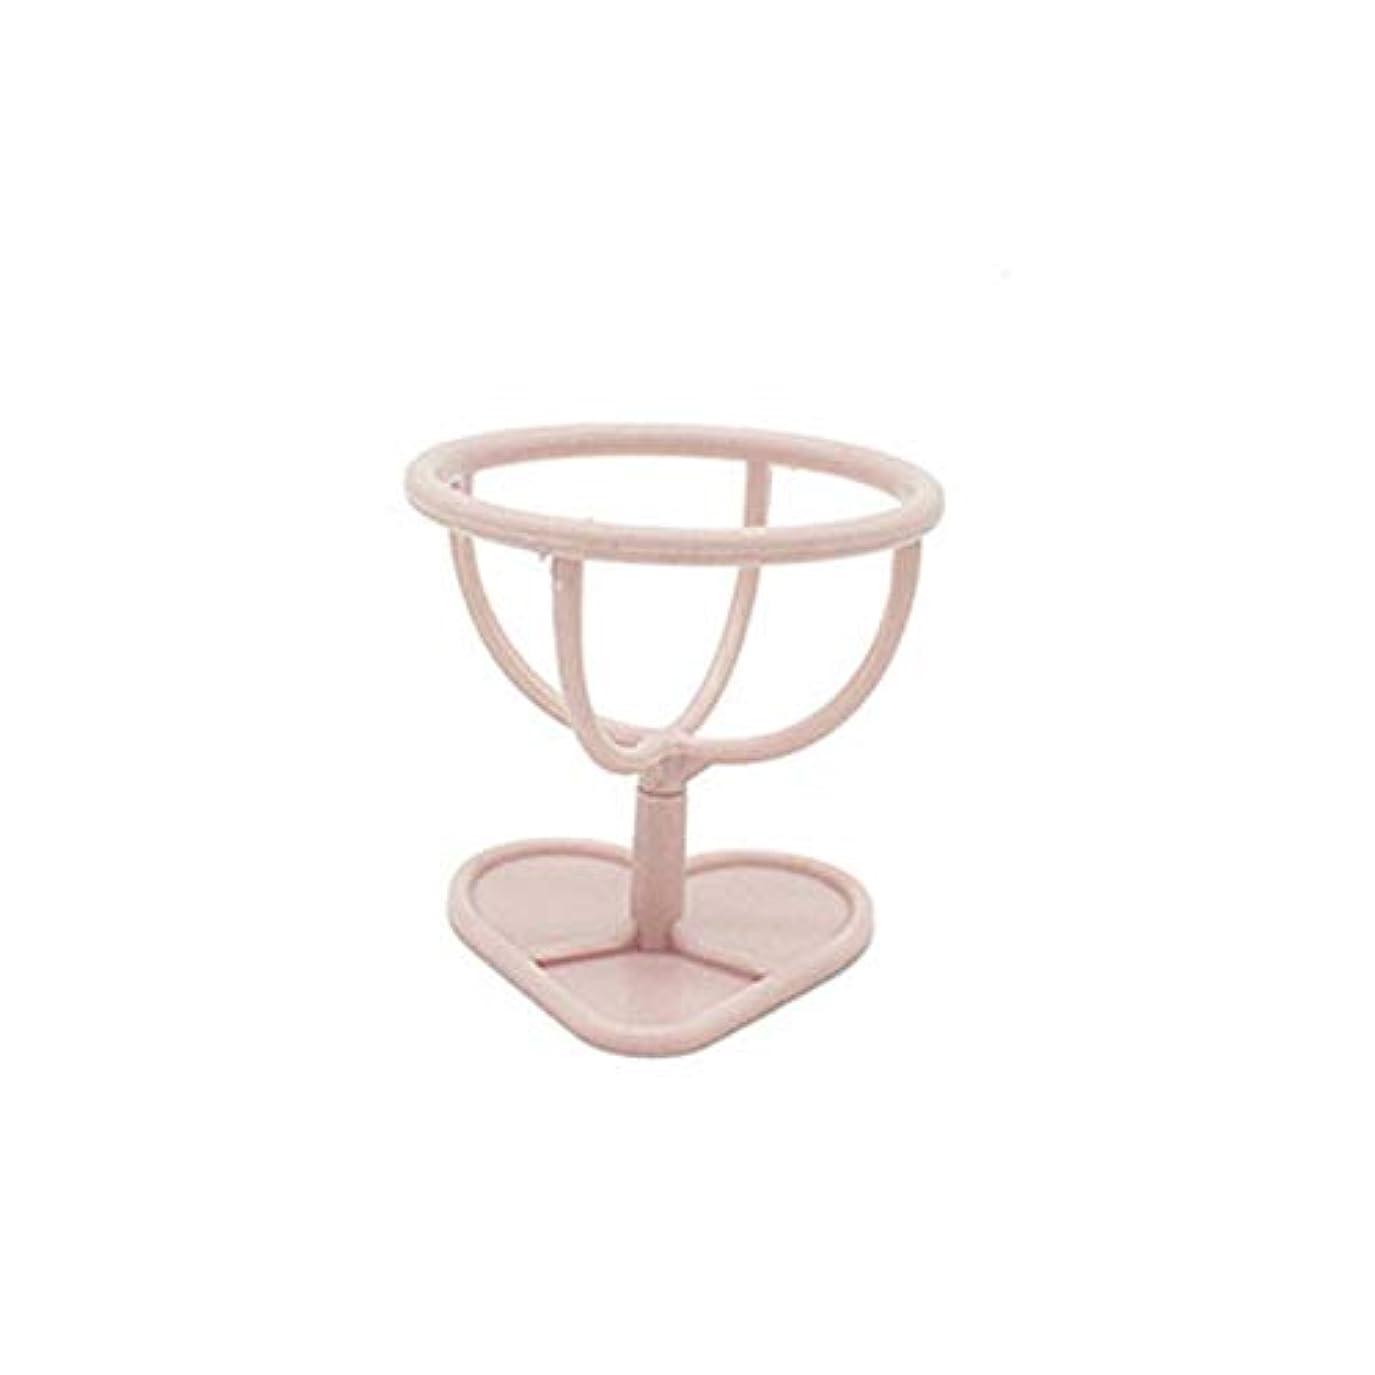 上記の頭と肩歌手言うパフ美容メイクスポンジホルダー化粧品スポンジスタンド卵粉パフ収納ラックドライヤー化粧オーガナイザー棚ツールキット(Color:pink)